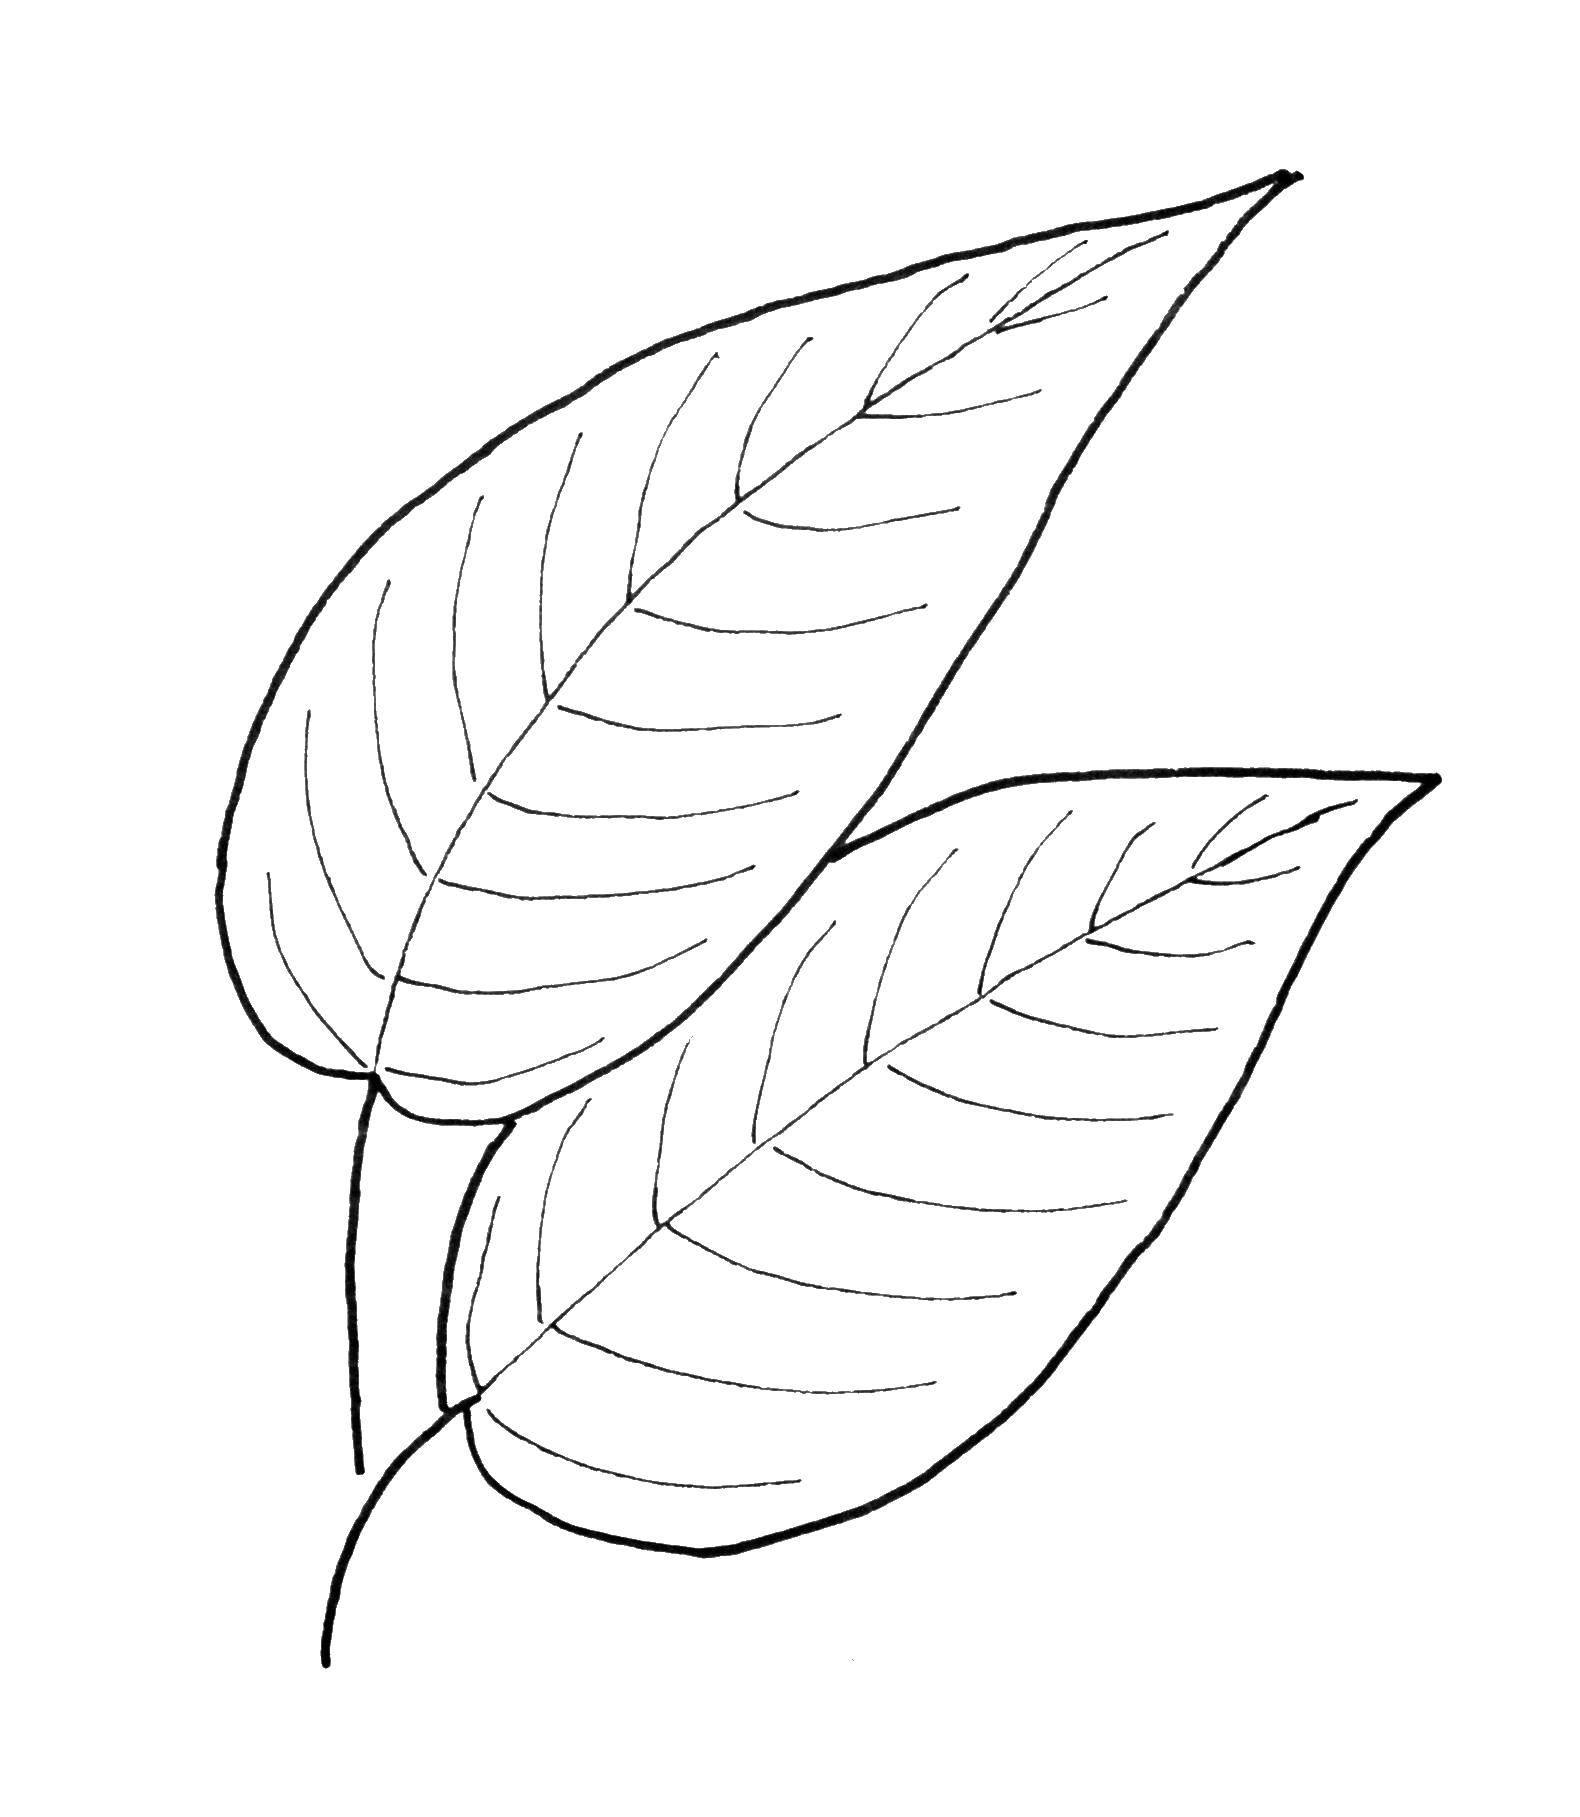 Картинка листочка раскраска